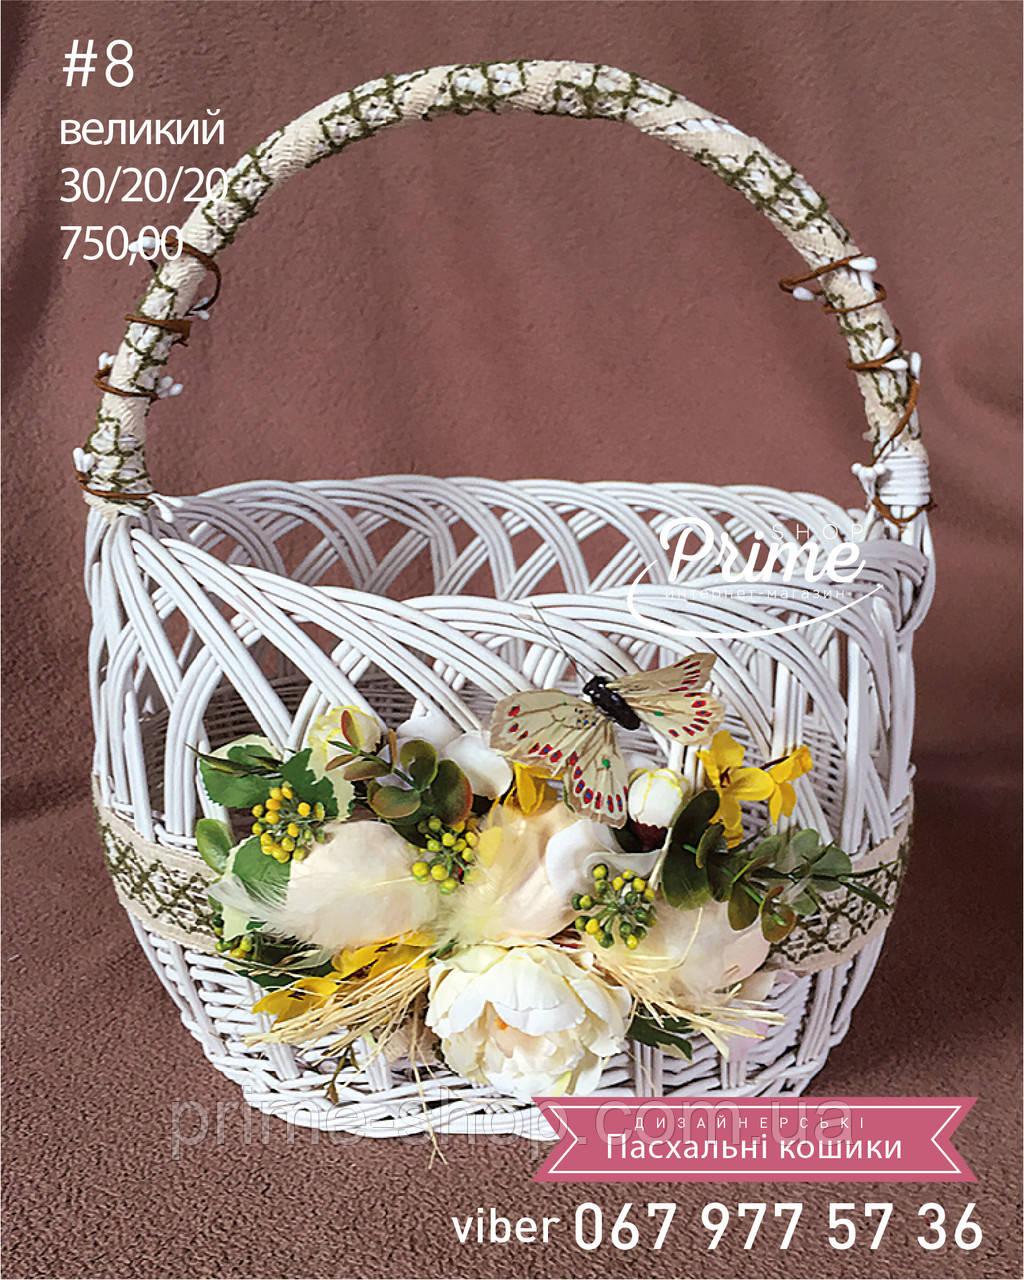 Пасхальные корзинки с белой лозы, с цветочным декором